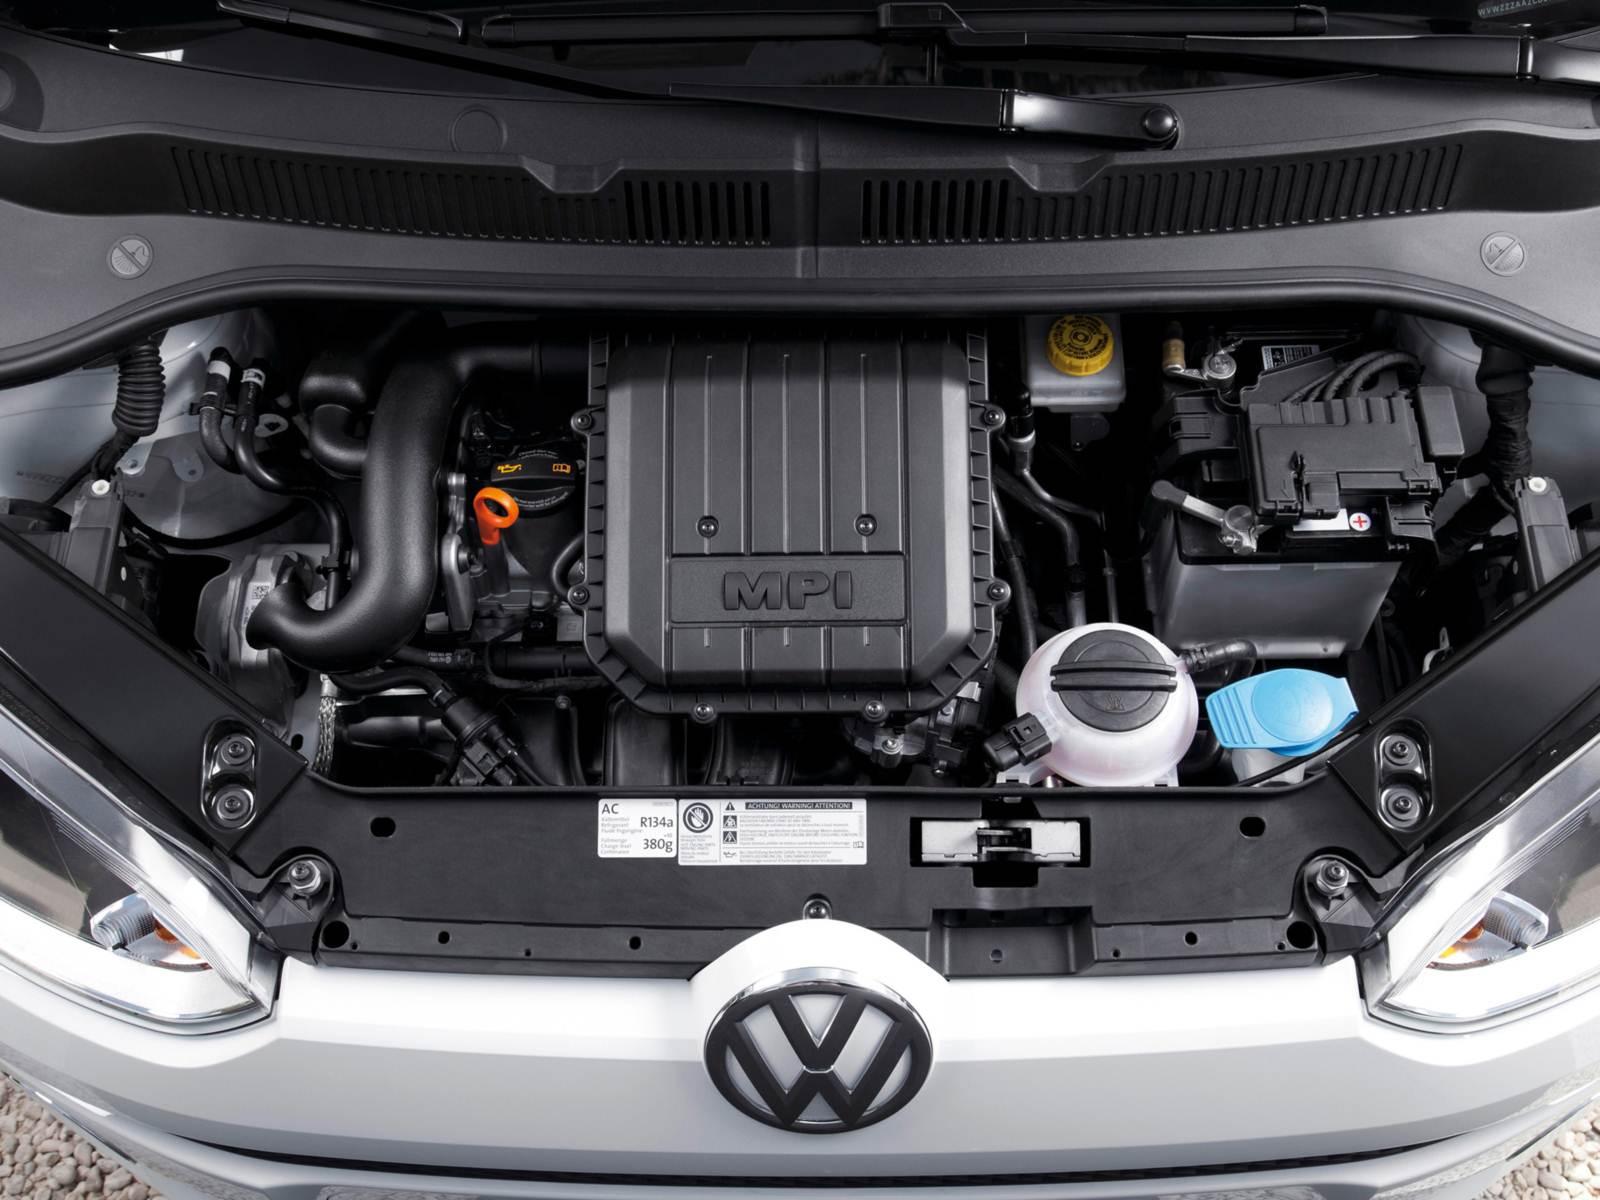 Volkswagen up! 2 portas - motor 1.0 três cilindros